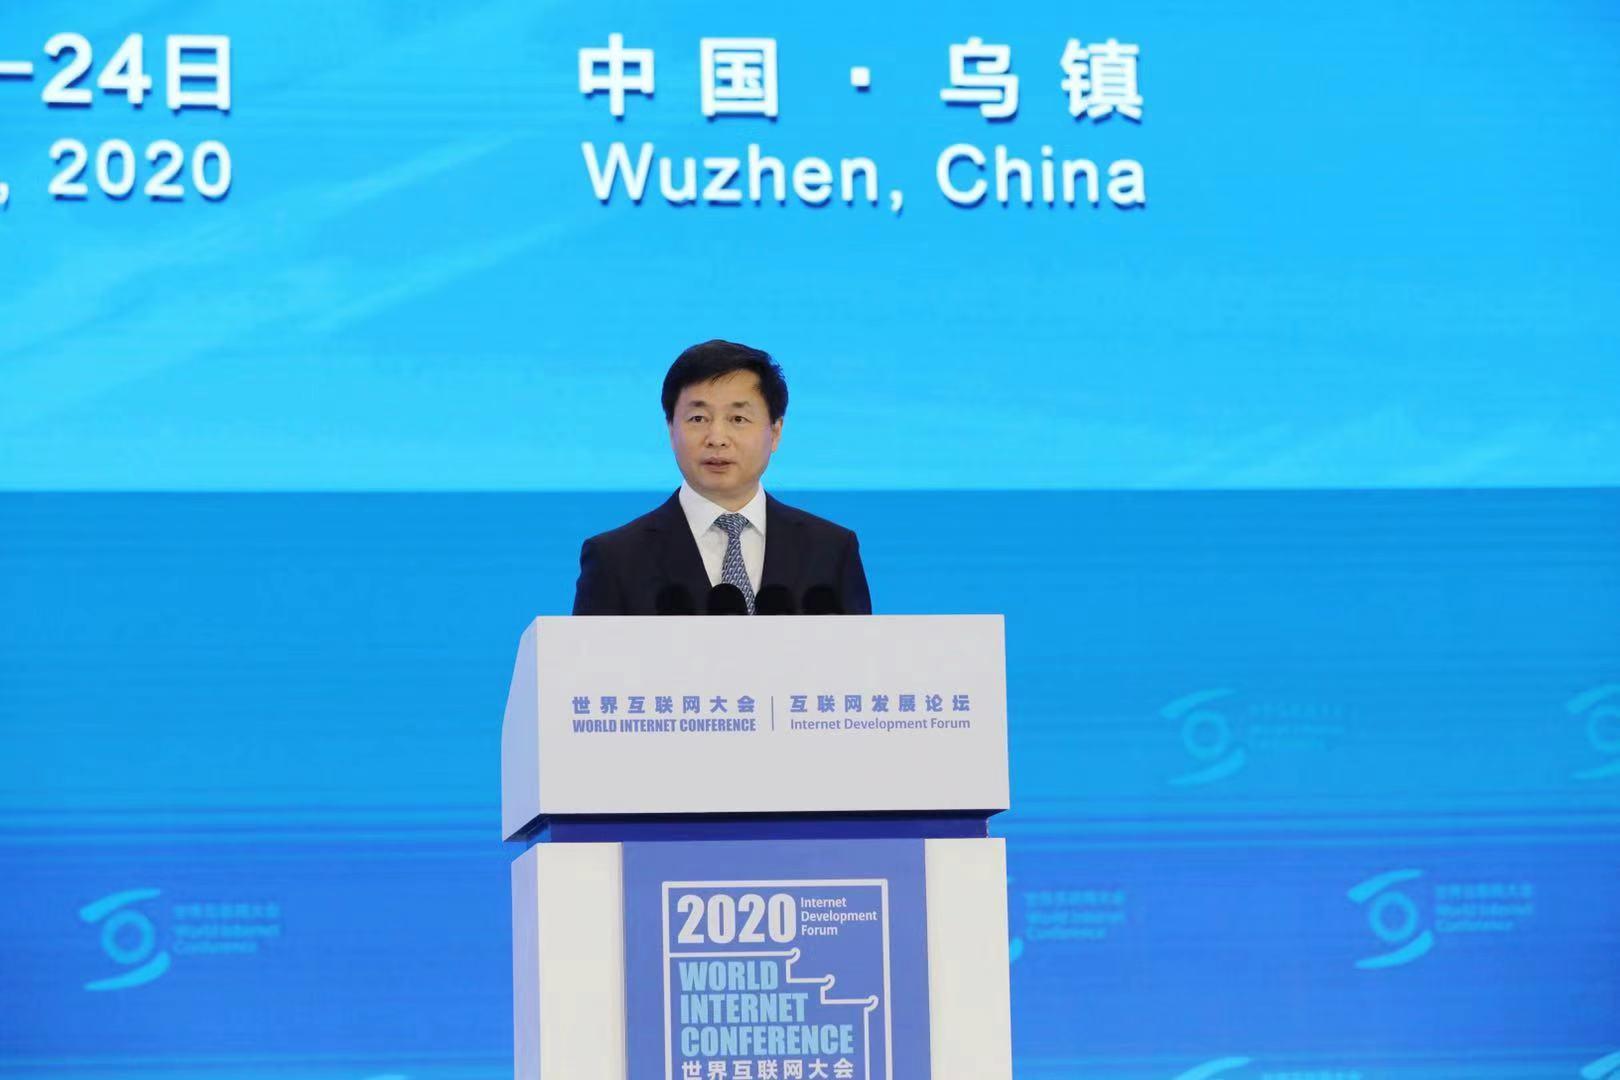 中国电信董事长柯瑞文:数字赋能 共创未来 携手构建网络空间命运共同体